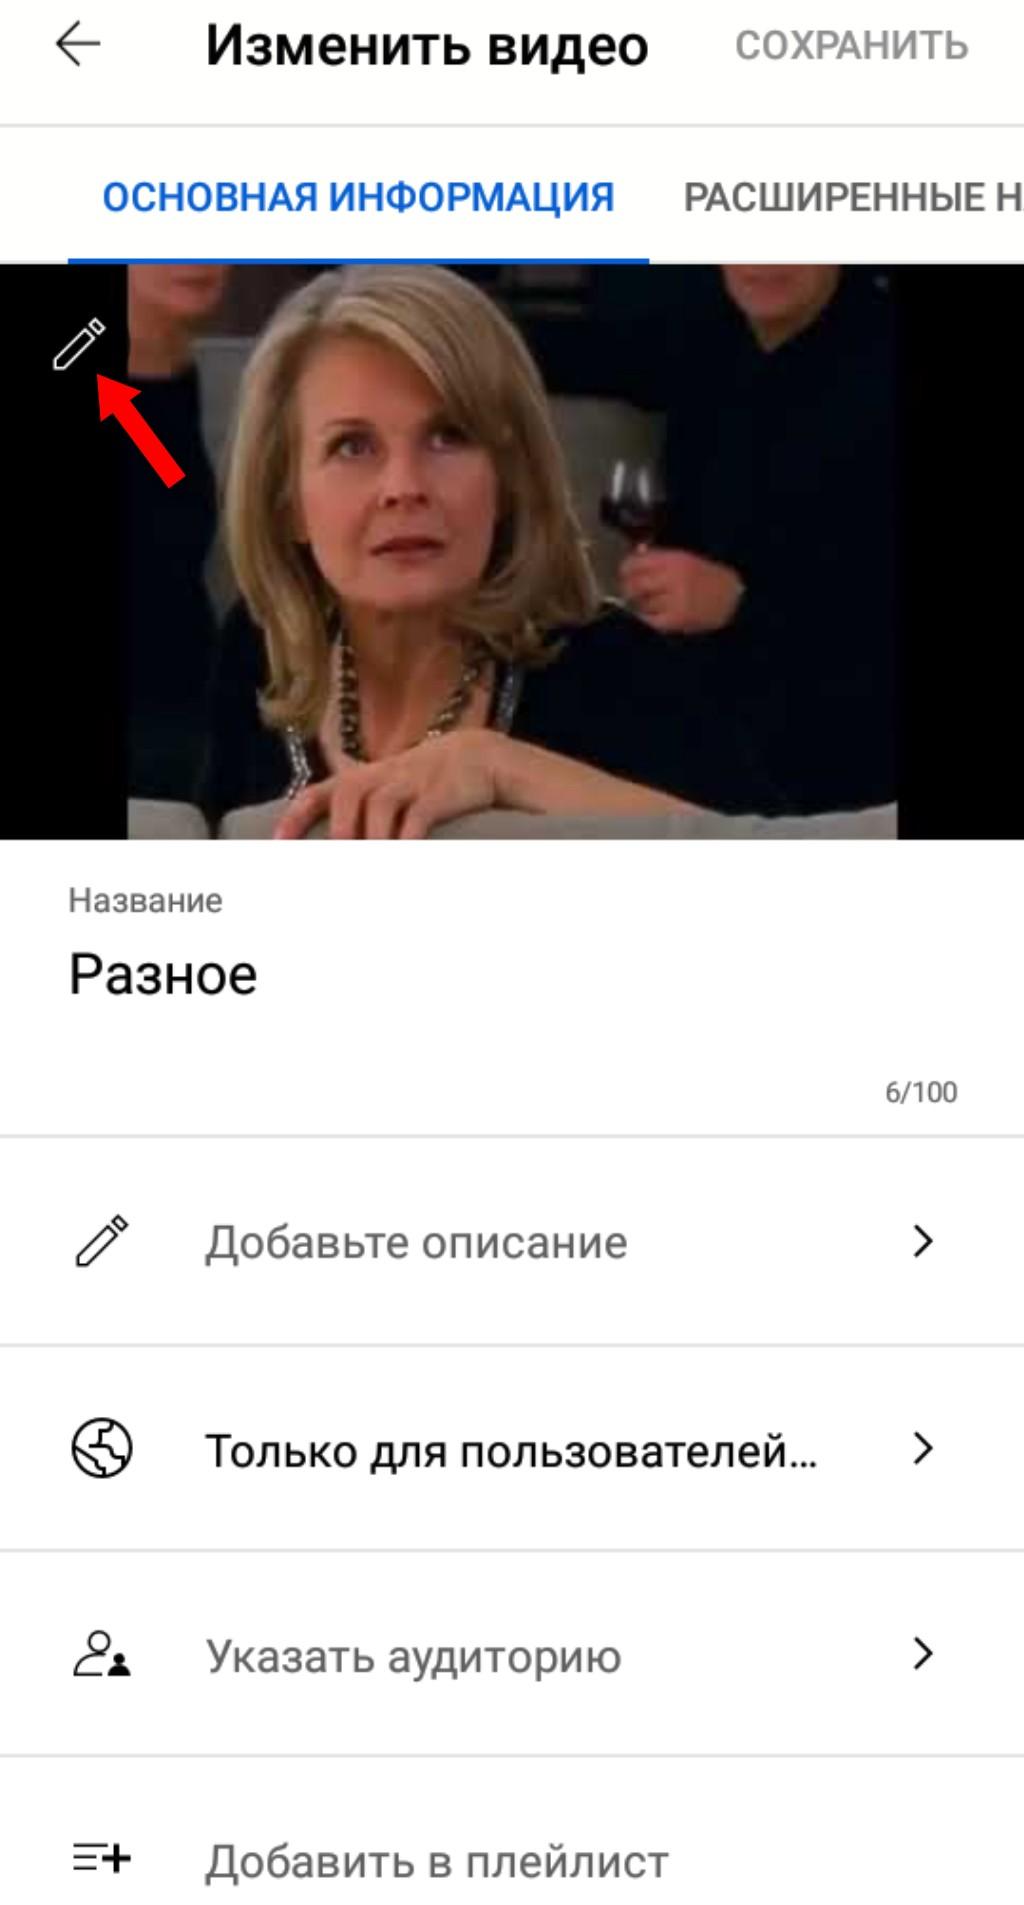 InFrame_1628297491457.jpg